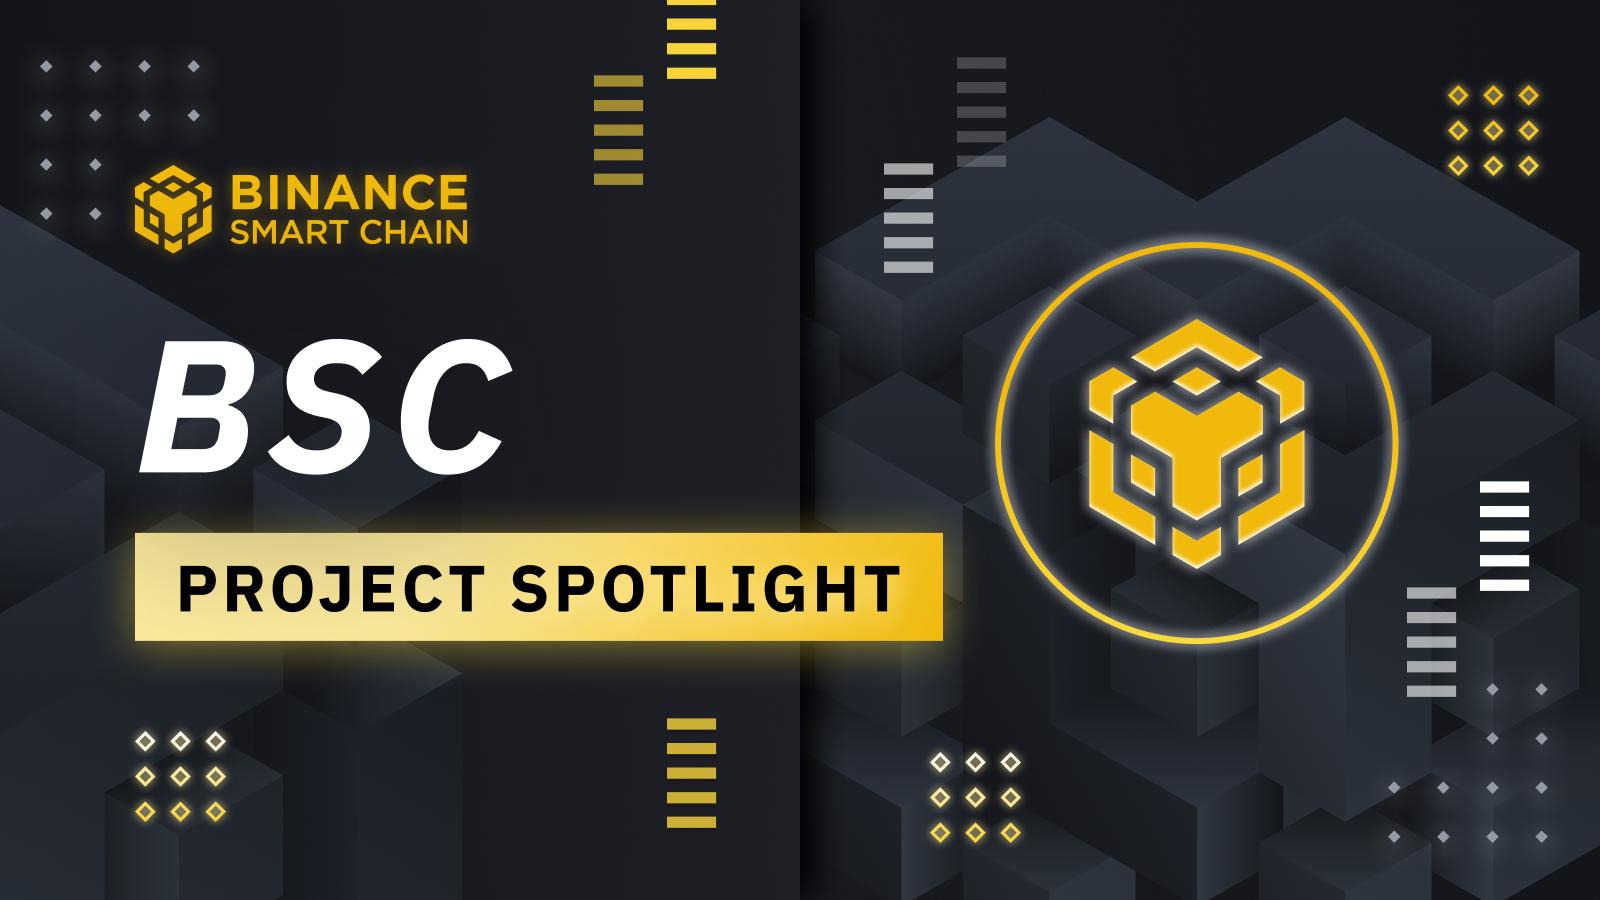 BSC Project Spotlight: NFTb